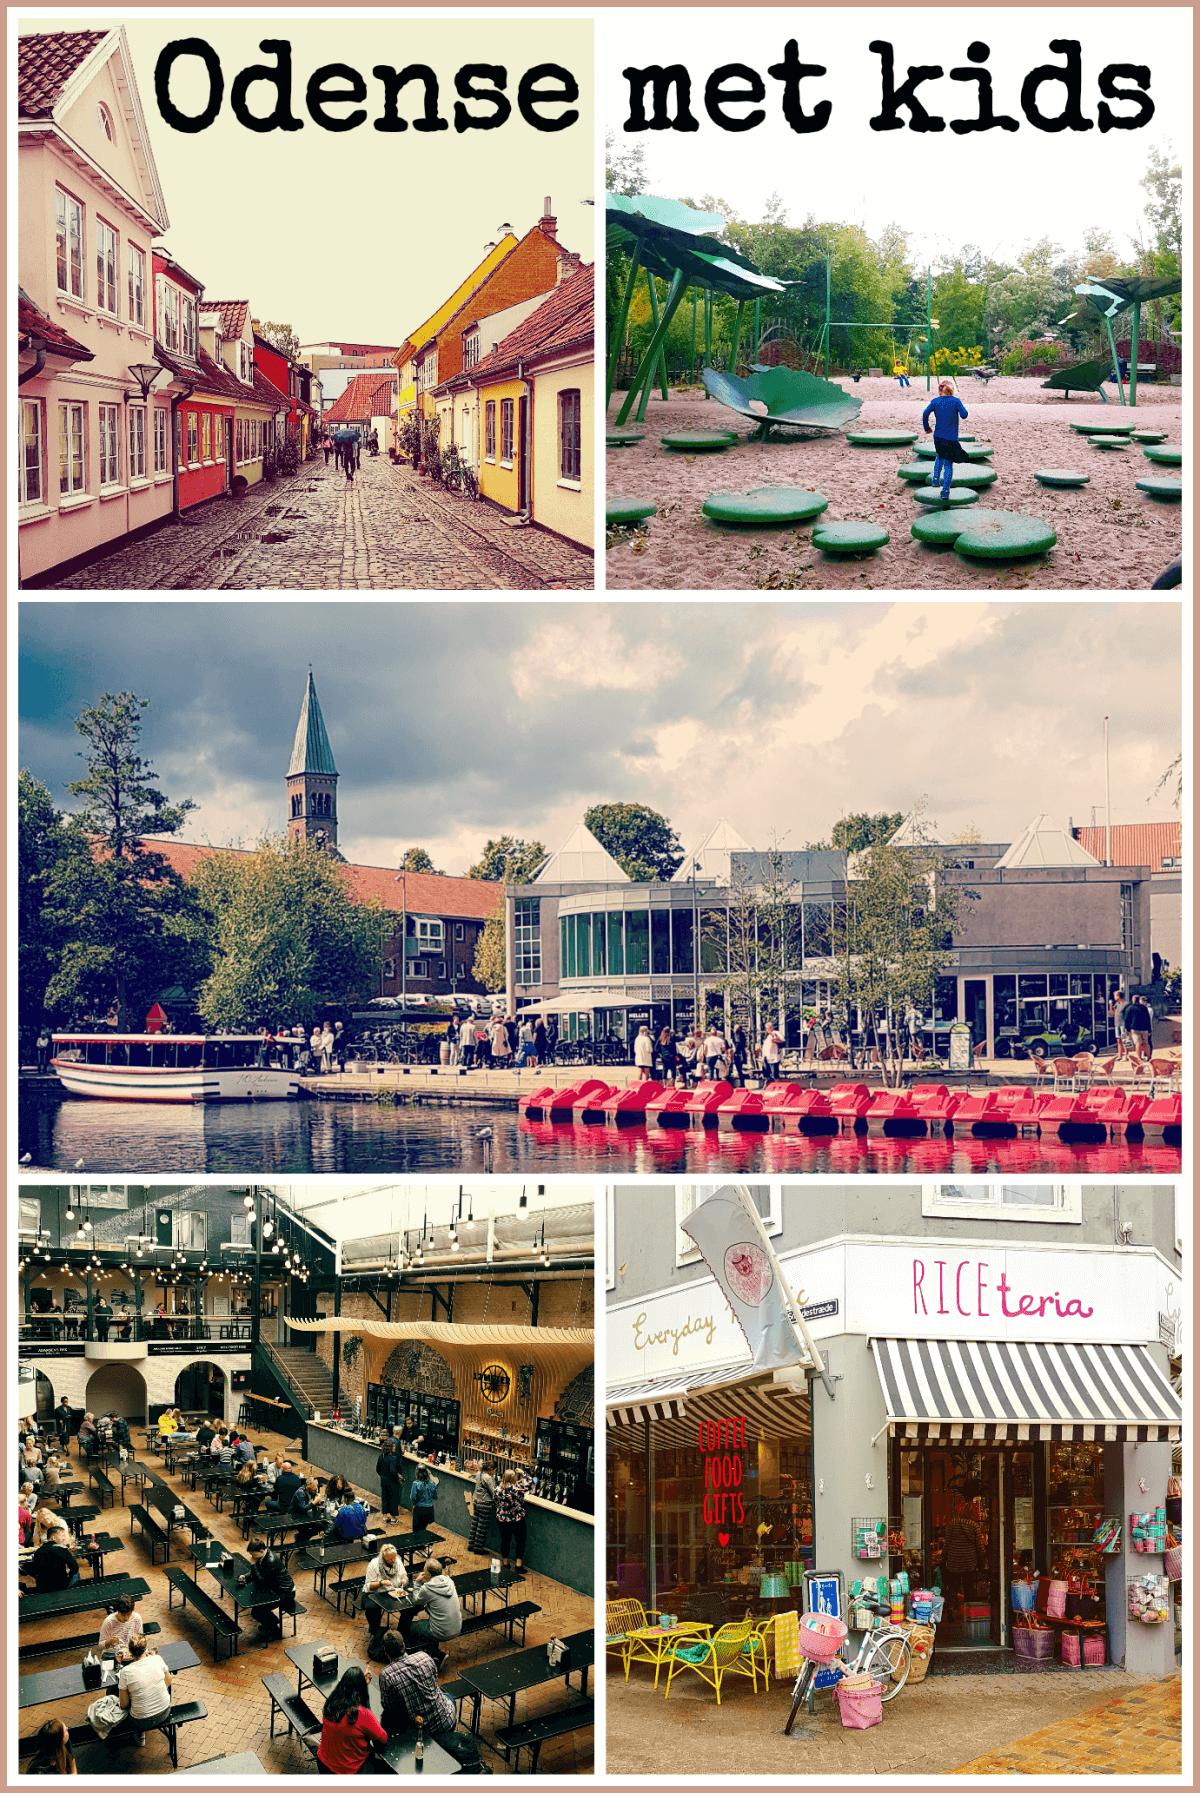 Vakantie met kids: sprookjesachtig Funen in Denemarken - moderne stad Odense met historie van Hans Andersen #leukmetkids #Funen #Denemarken #kinderen